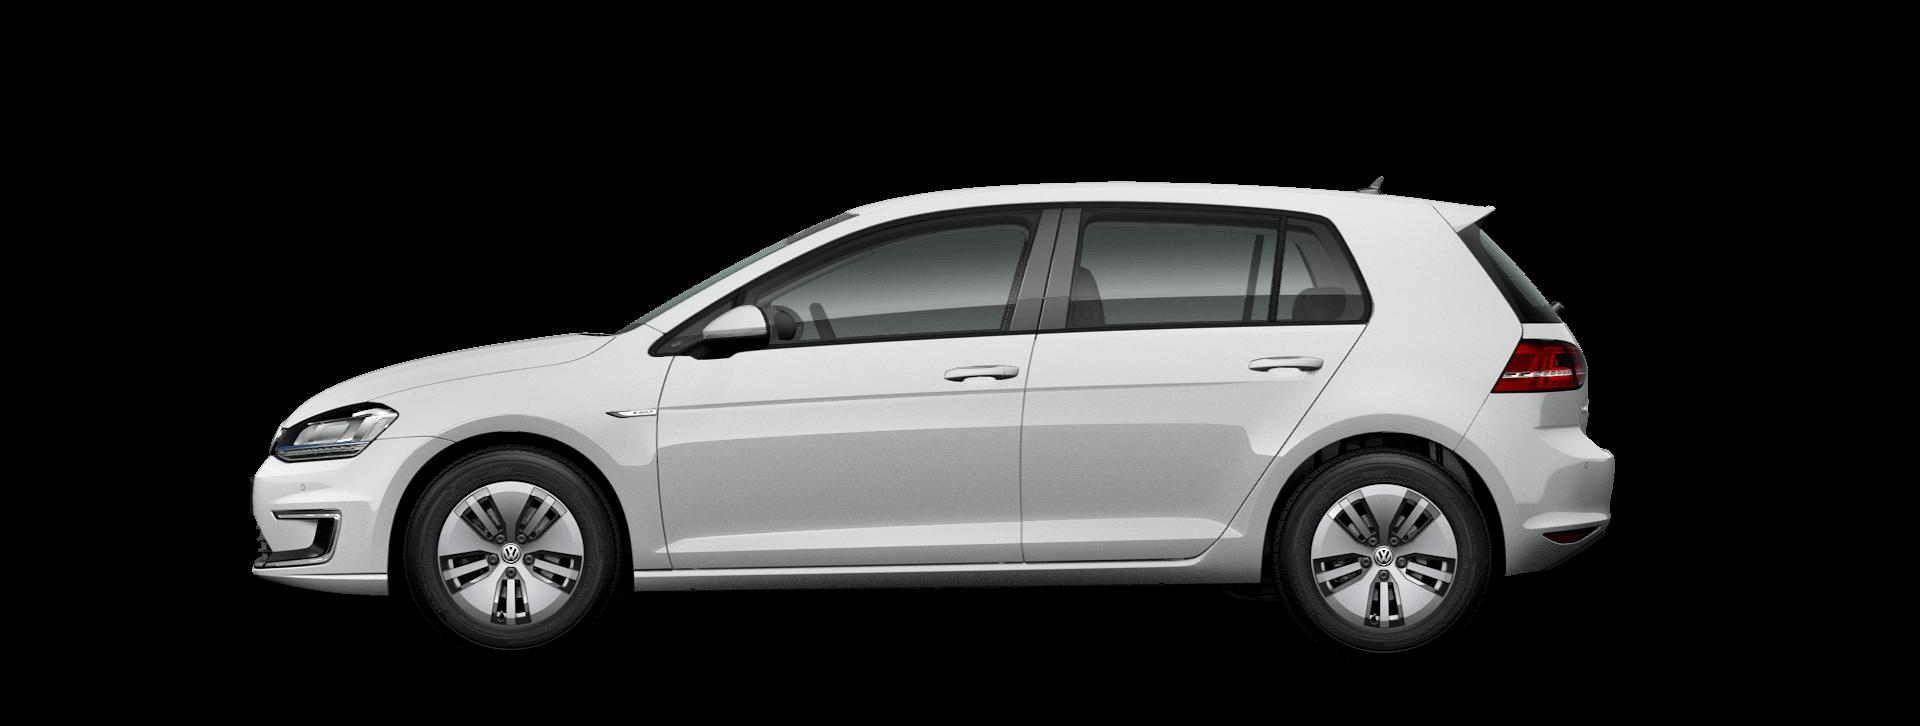 Ny VW fra Uggerhøj i Frederikshavn - bred appel, både til private og erhverv